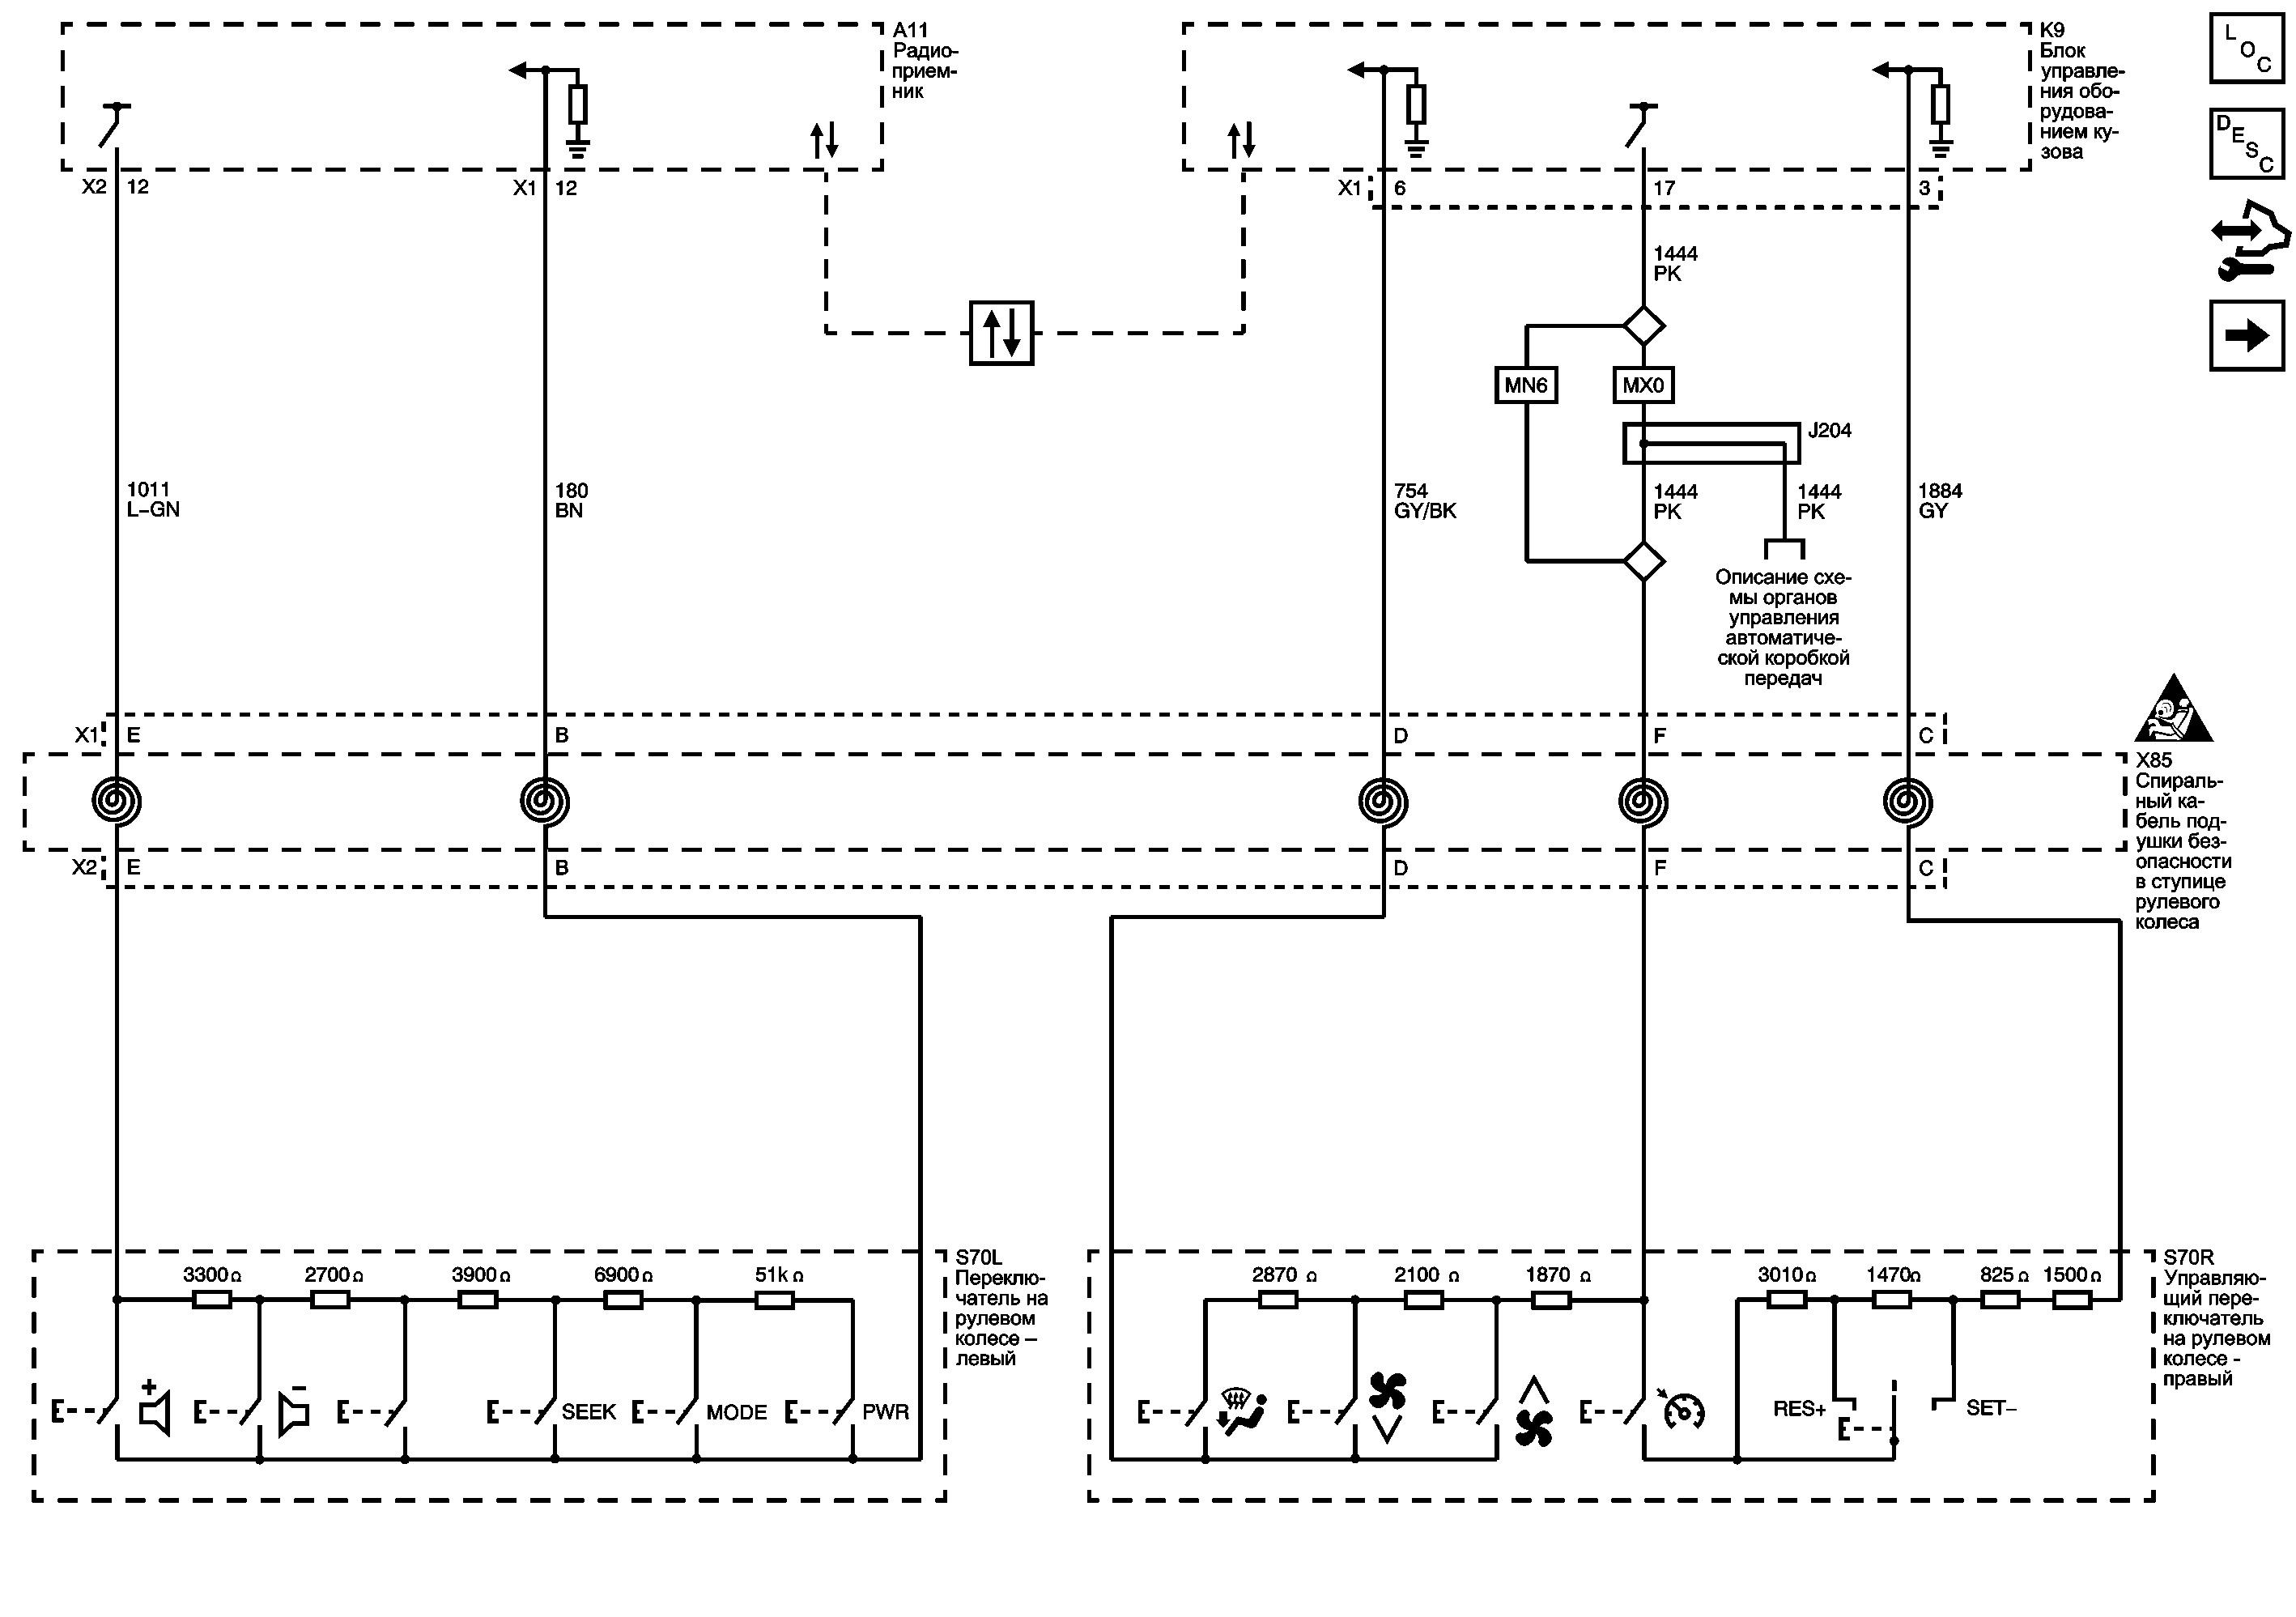 Переключатели управления круиз-контролем, аудиосистемой и климатической установкой на руле